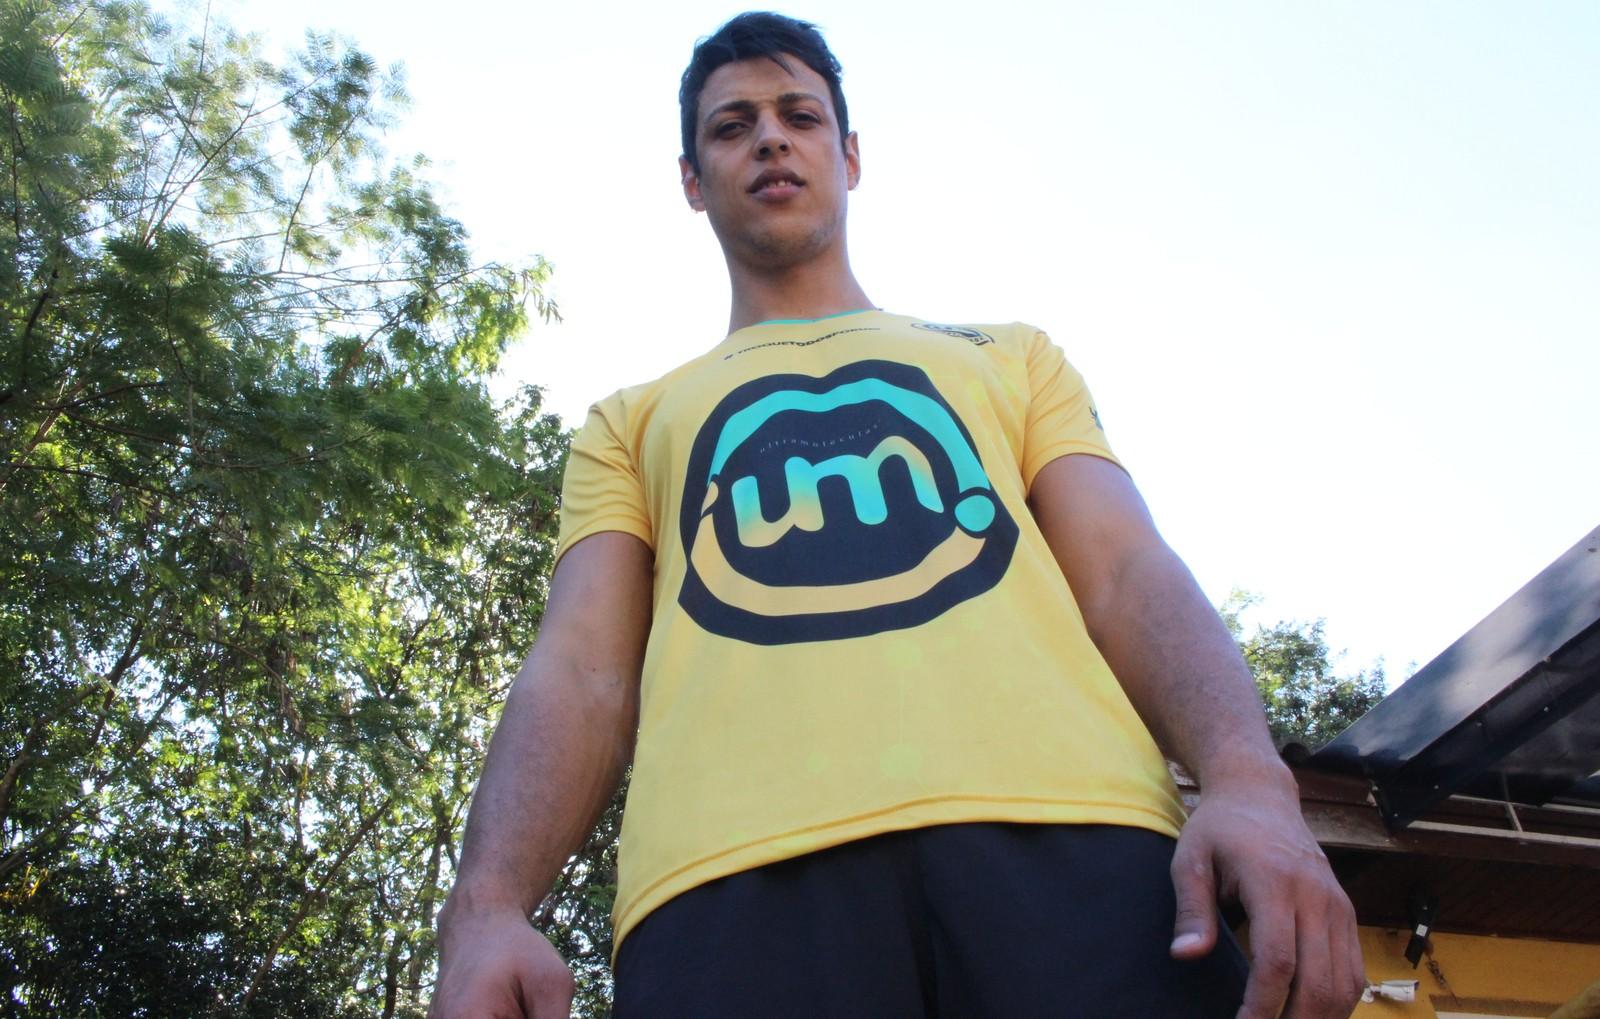 Vítima de homofobia no vôlei, Michael supera trauma e comemora: 'Liberdade'